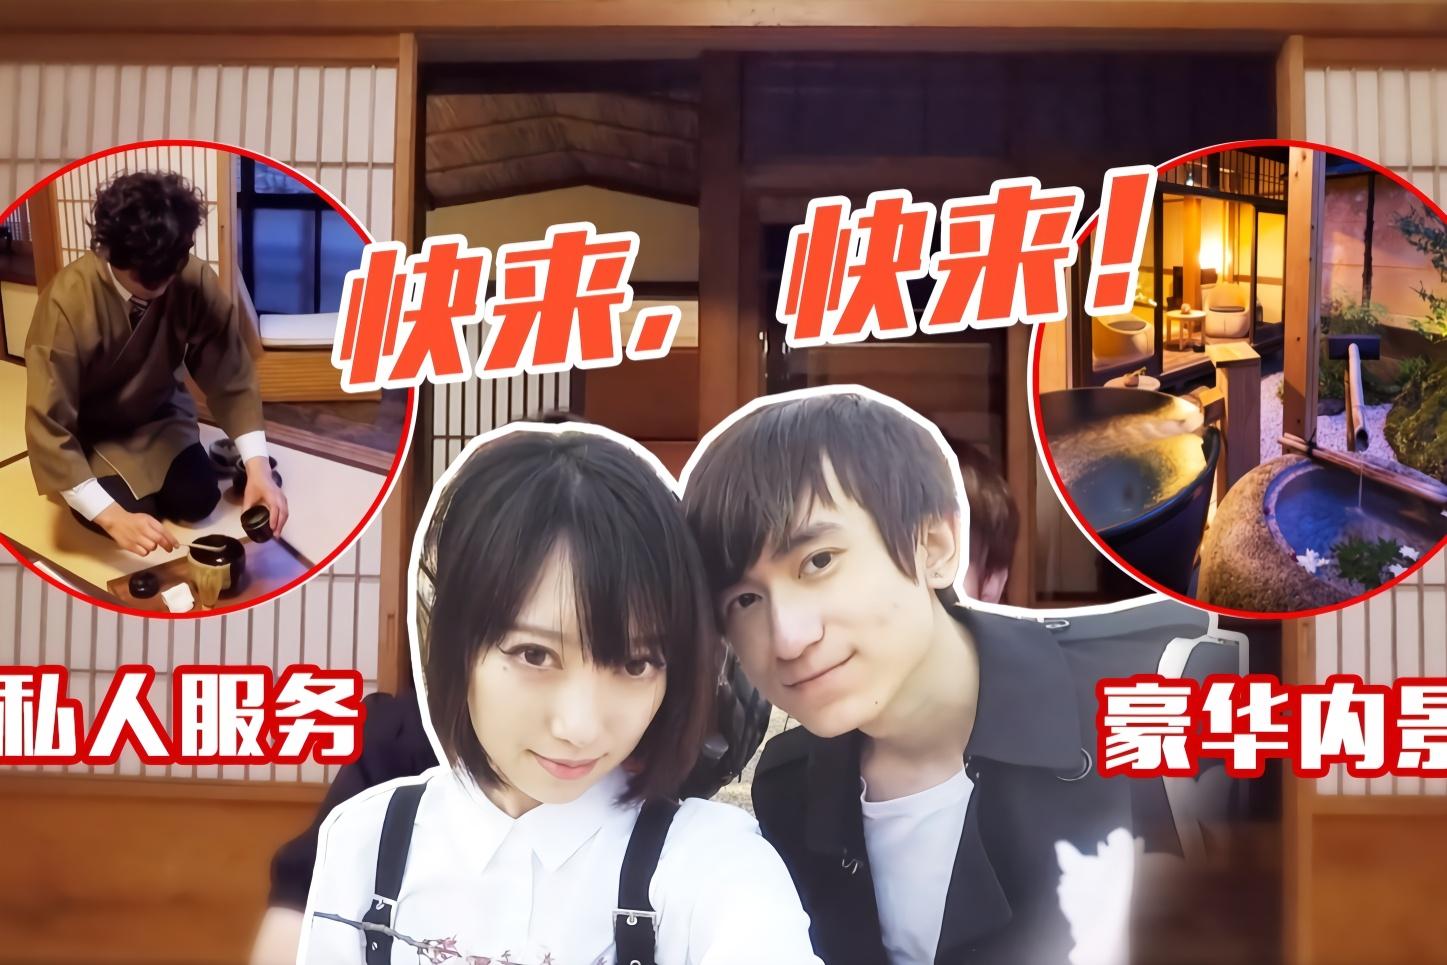 在日本住6000/宿的酒店是什么感觉?日本小姐姐带你亲身体验!